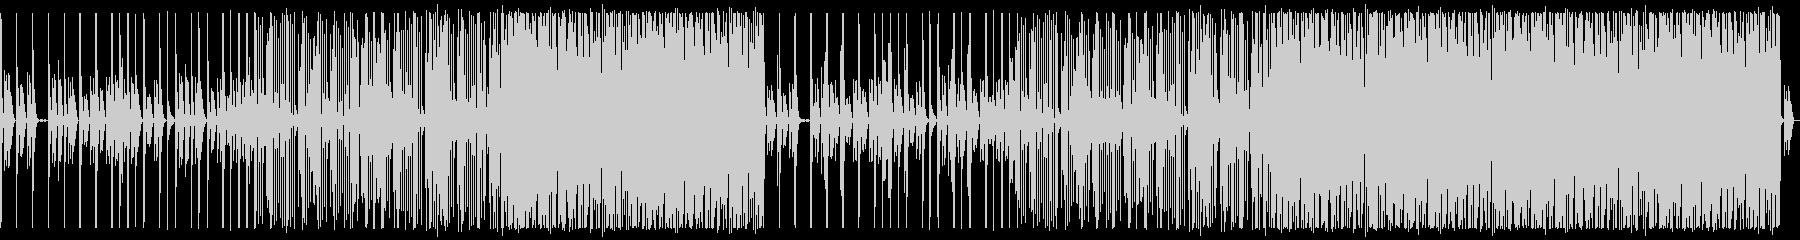 フューチャーベース_No627_1の未再生の波形